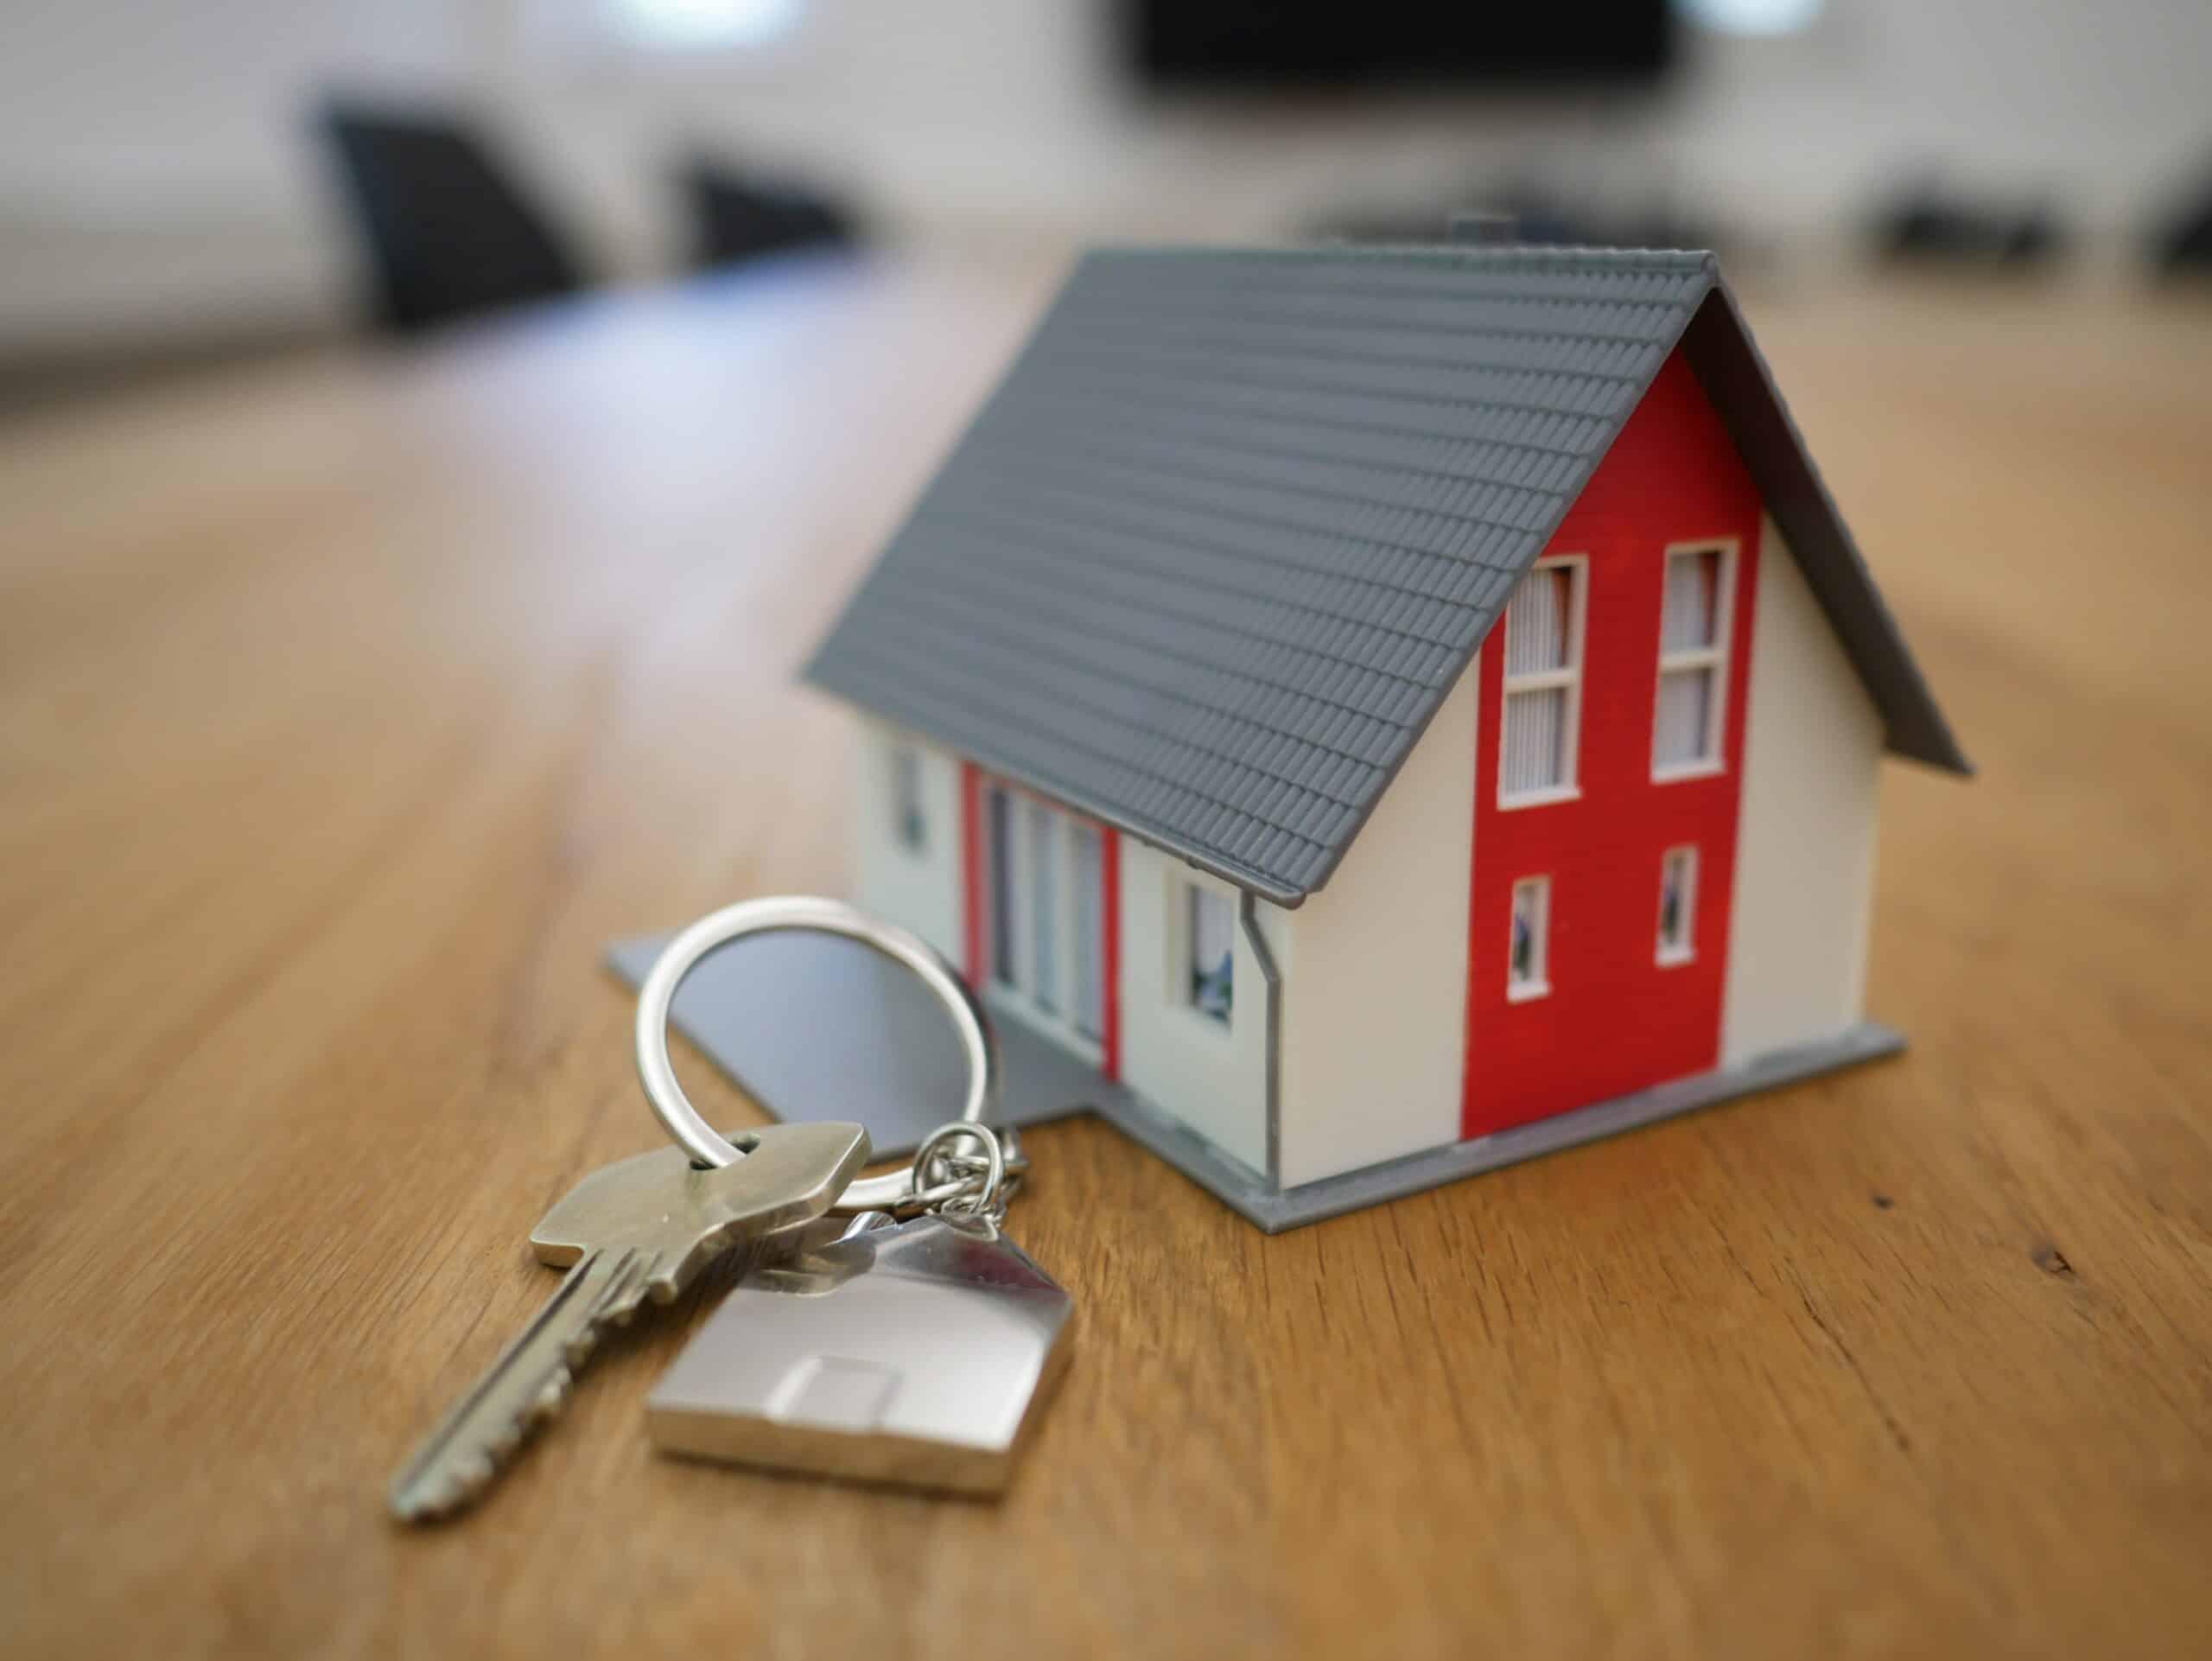 keys and a home keychain